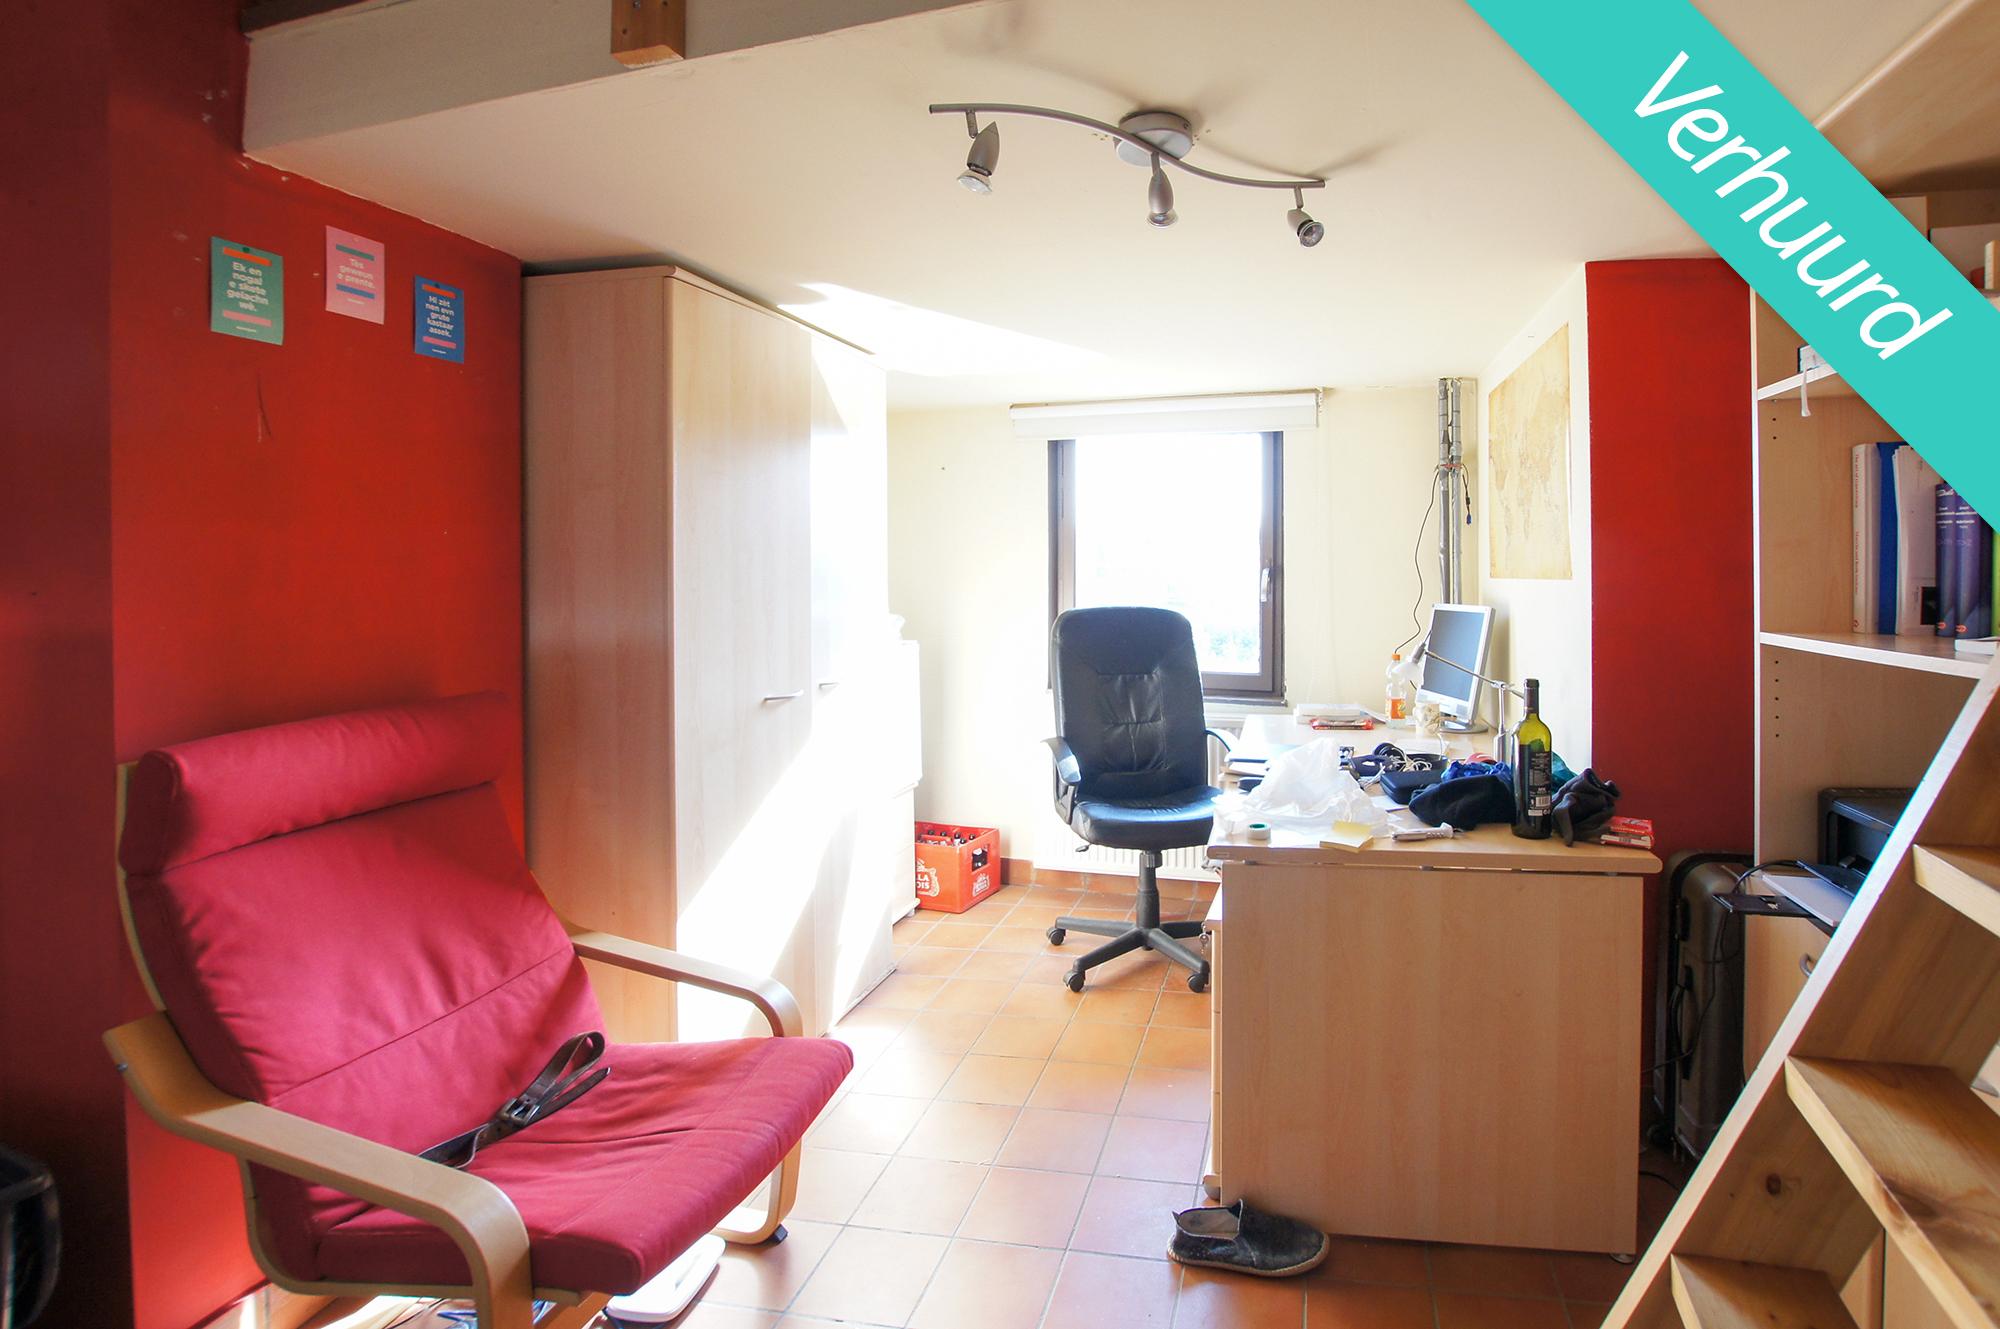 Kamer 8 - Edward van Evenstraat 10-12 - kot verhuurd